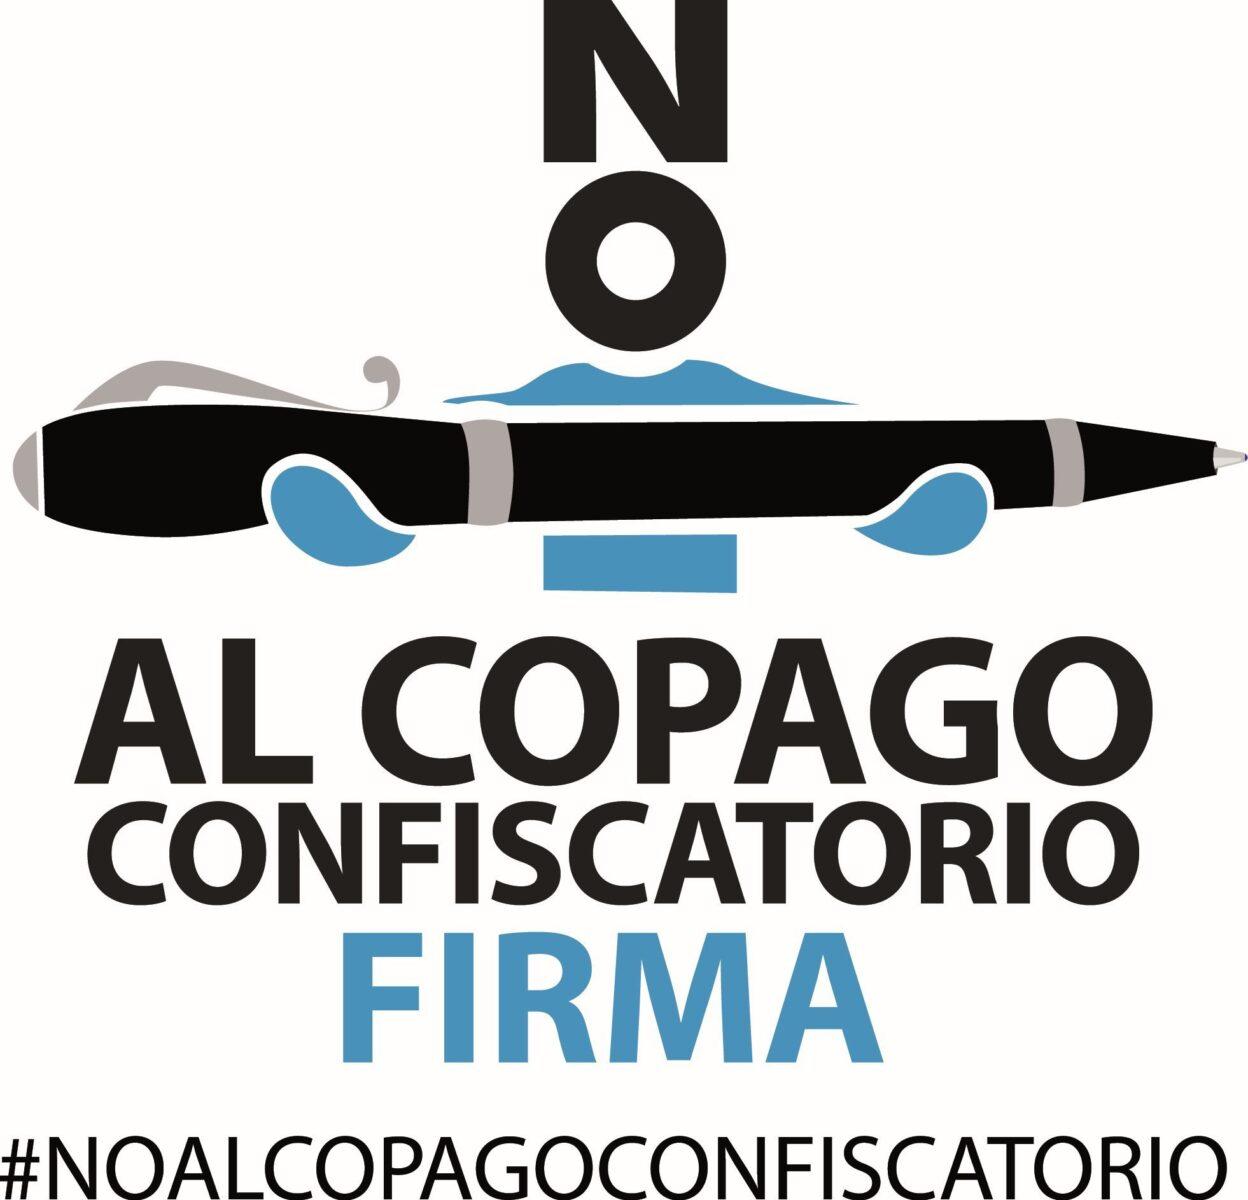 """""""AFIRMA TUS DERECHOS, FIRMA CONTRA EL COPAGO CONFISCATORIO"""""""